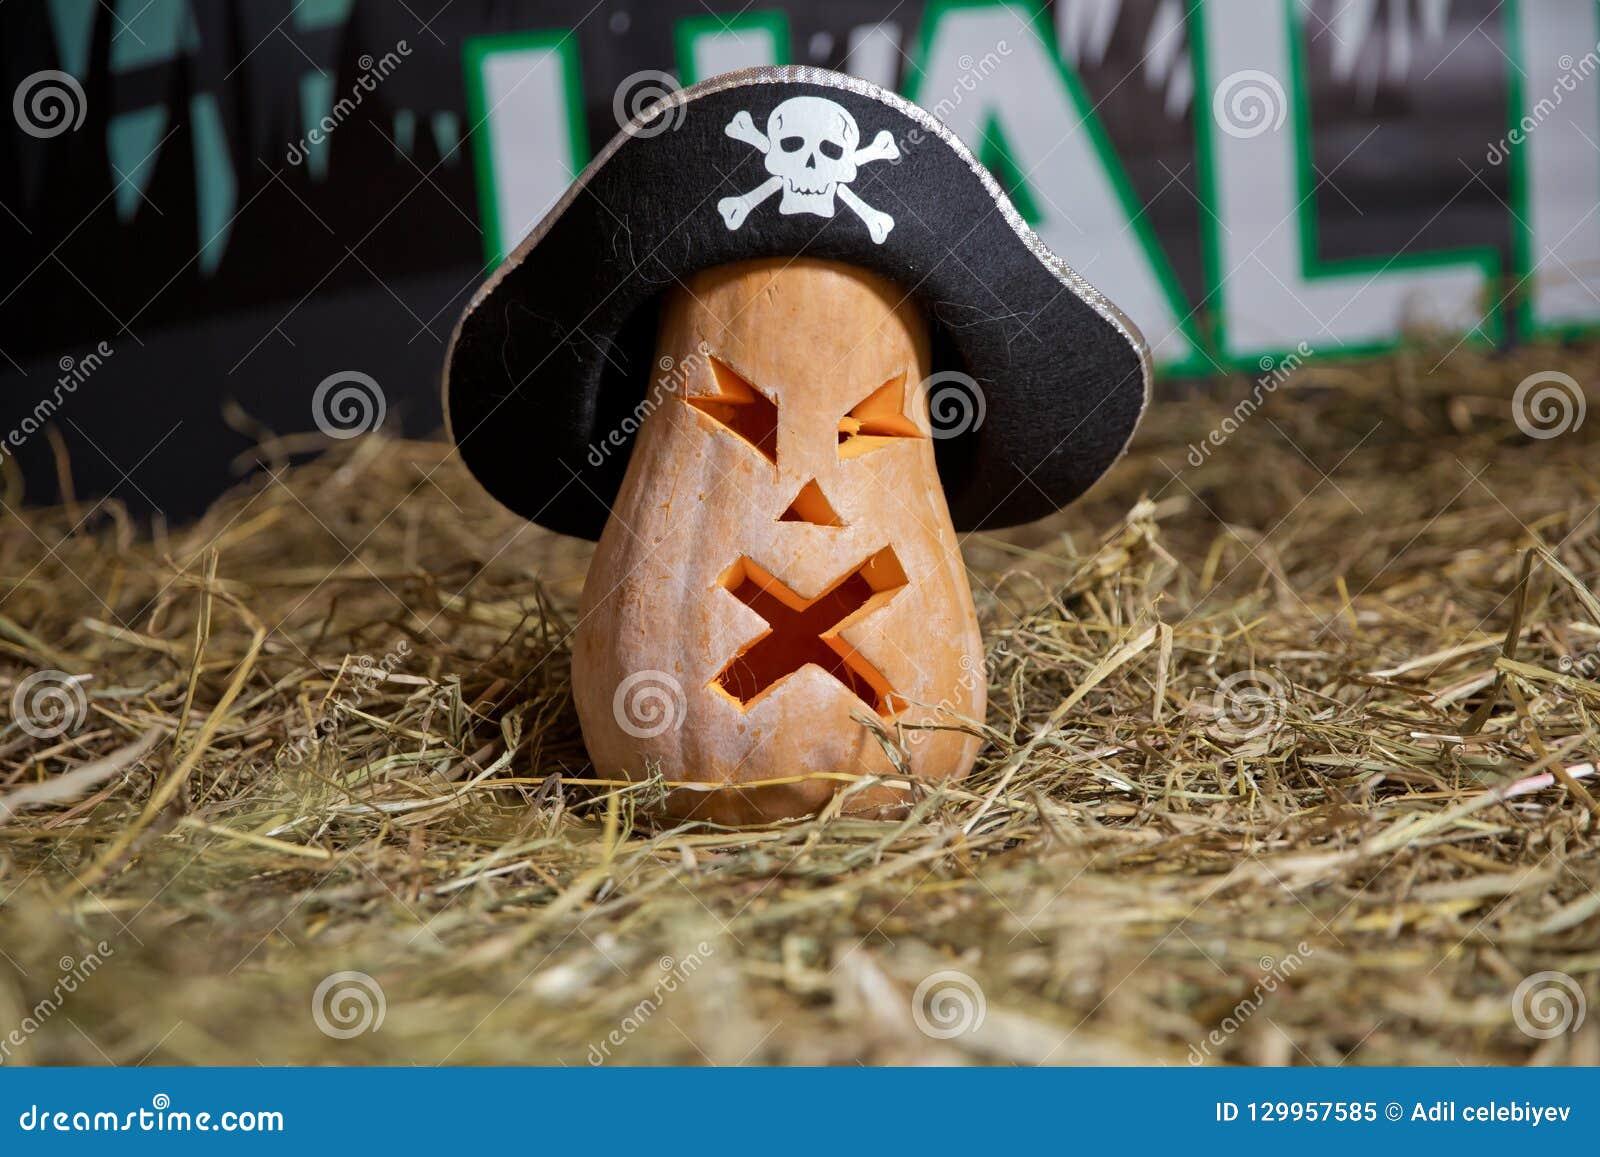 Sniden halloween pumpa Allhelgonaaftonpumpa som grinar i det mest onda modeet Spöklik lykta för allhelgonaaftonstålarnolla Pumpa